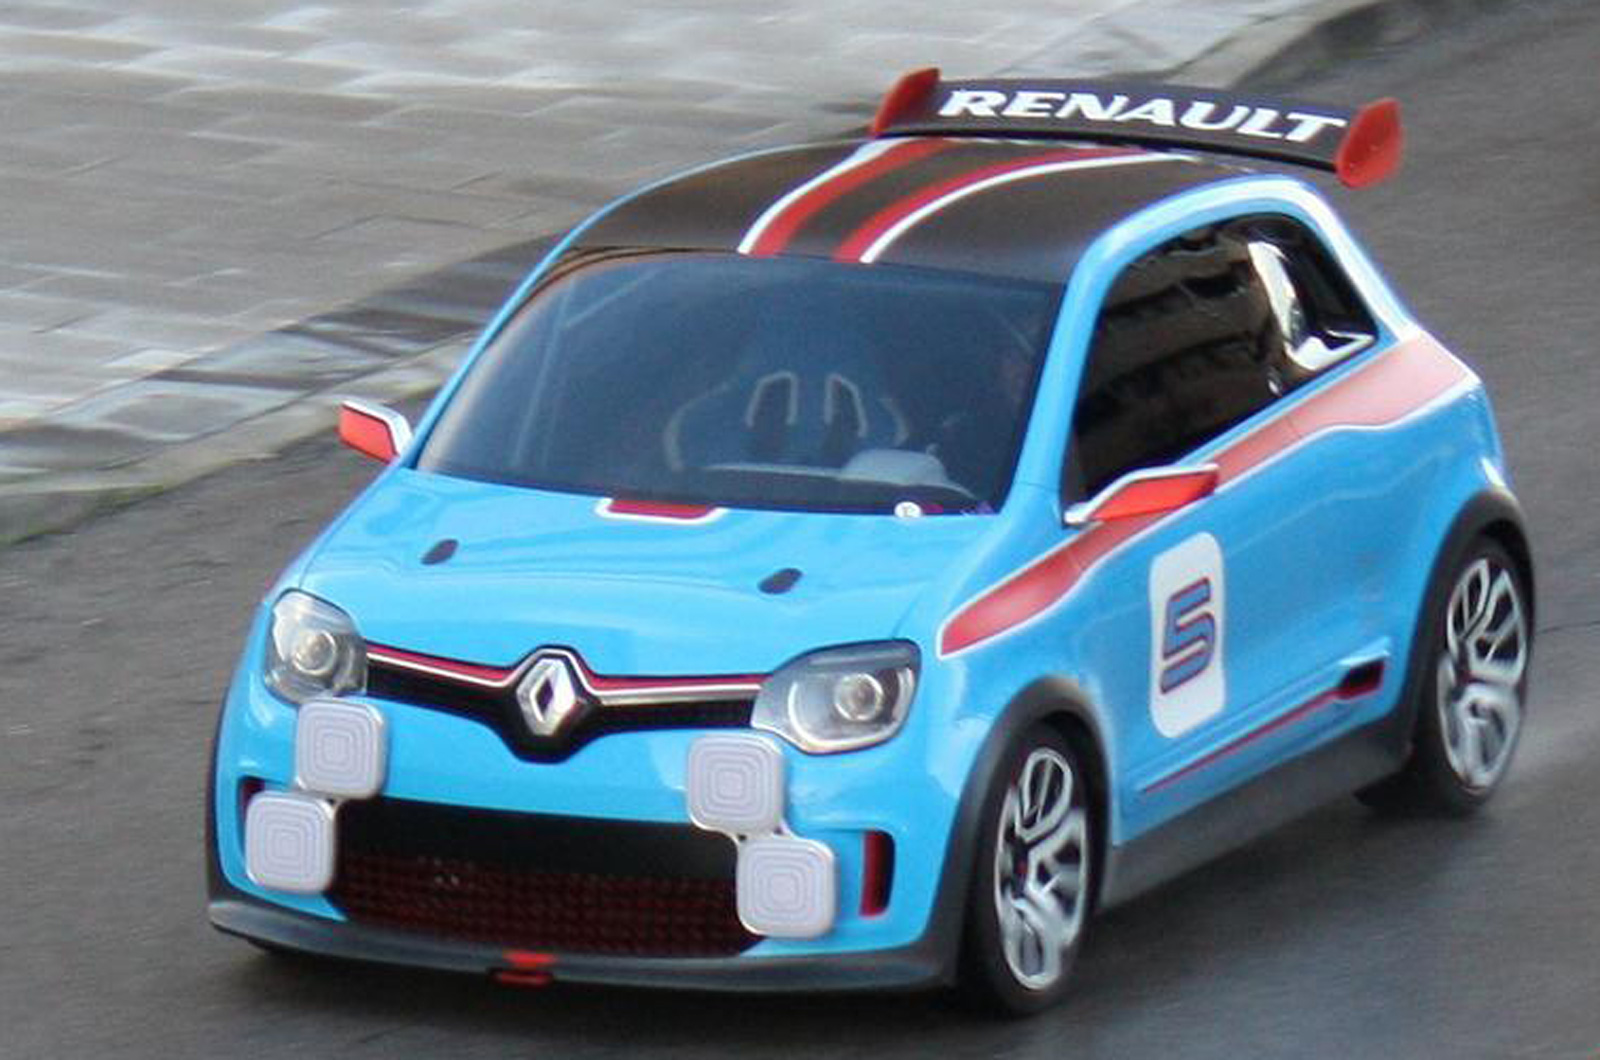 ...汽车杂志AUTOCAR3月28日报道,最近一新款微型雷诺概念车现...